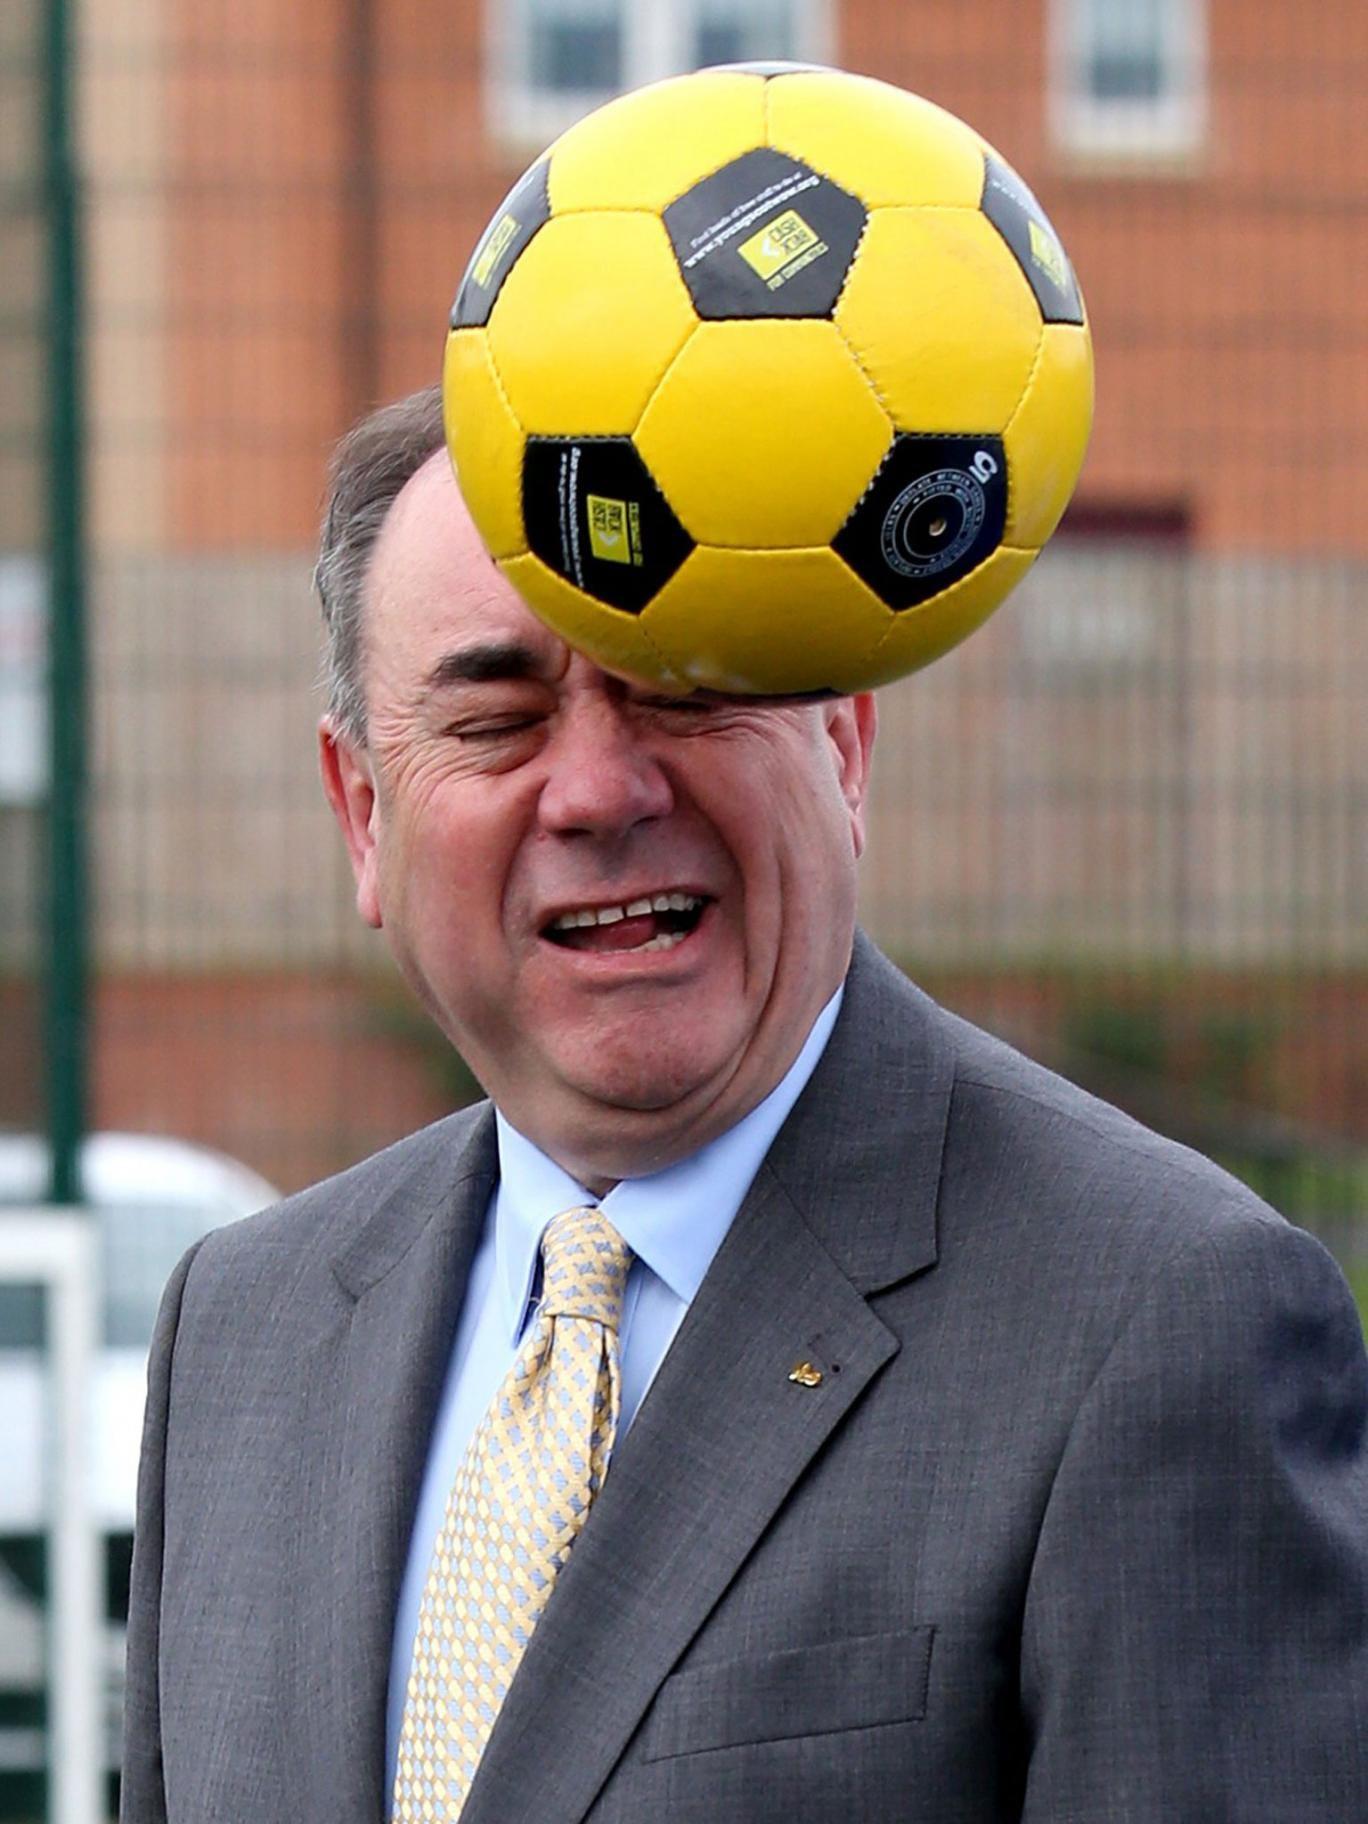 Alex Salmond heads a ball